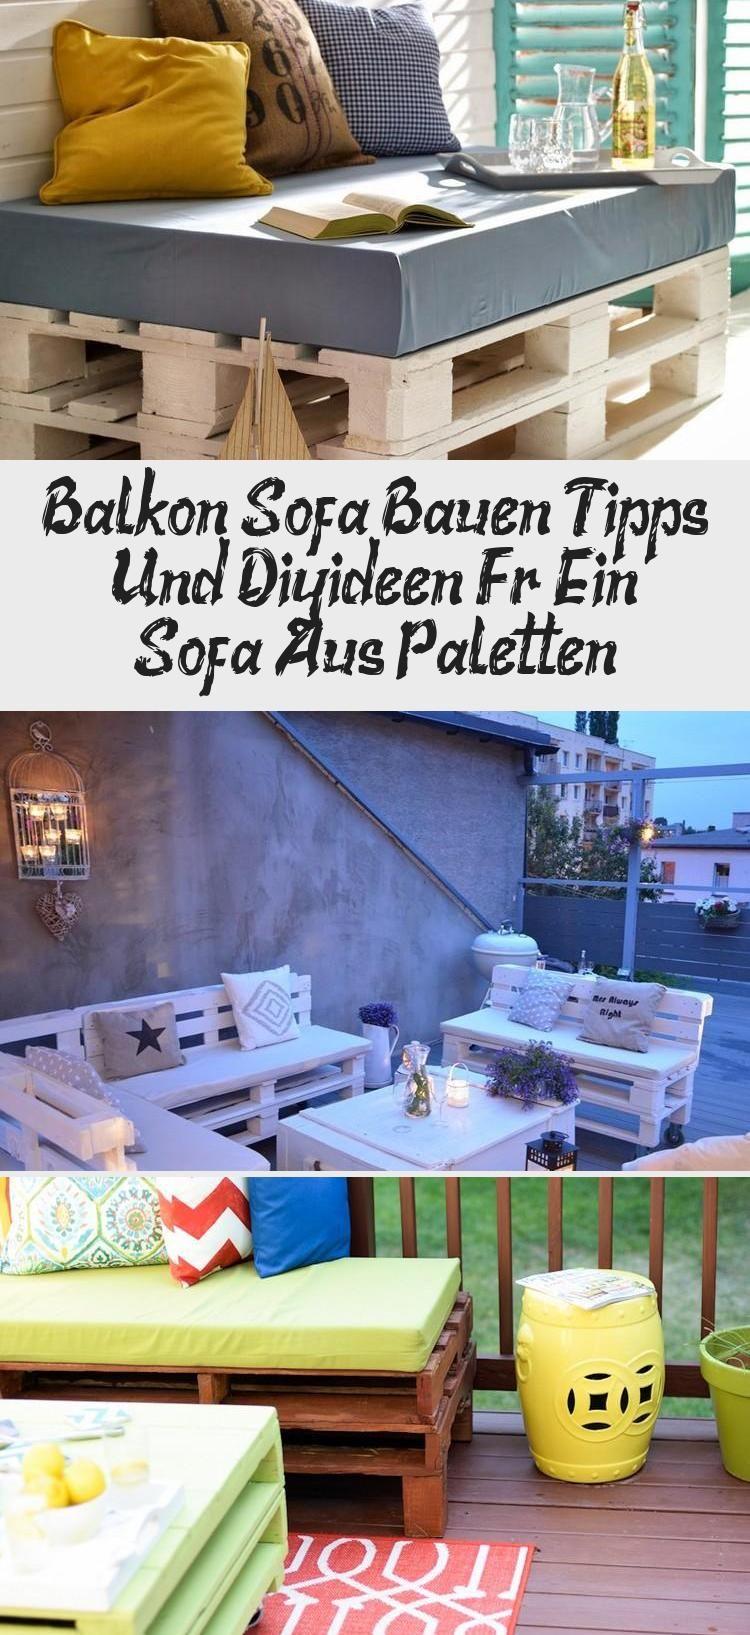 Balkon Sofa Bauen Tipps Und Diy Ideen Fur Ein Sofa Aus Paletten Decor Home Decor Furniture